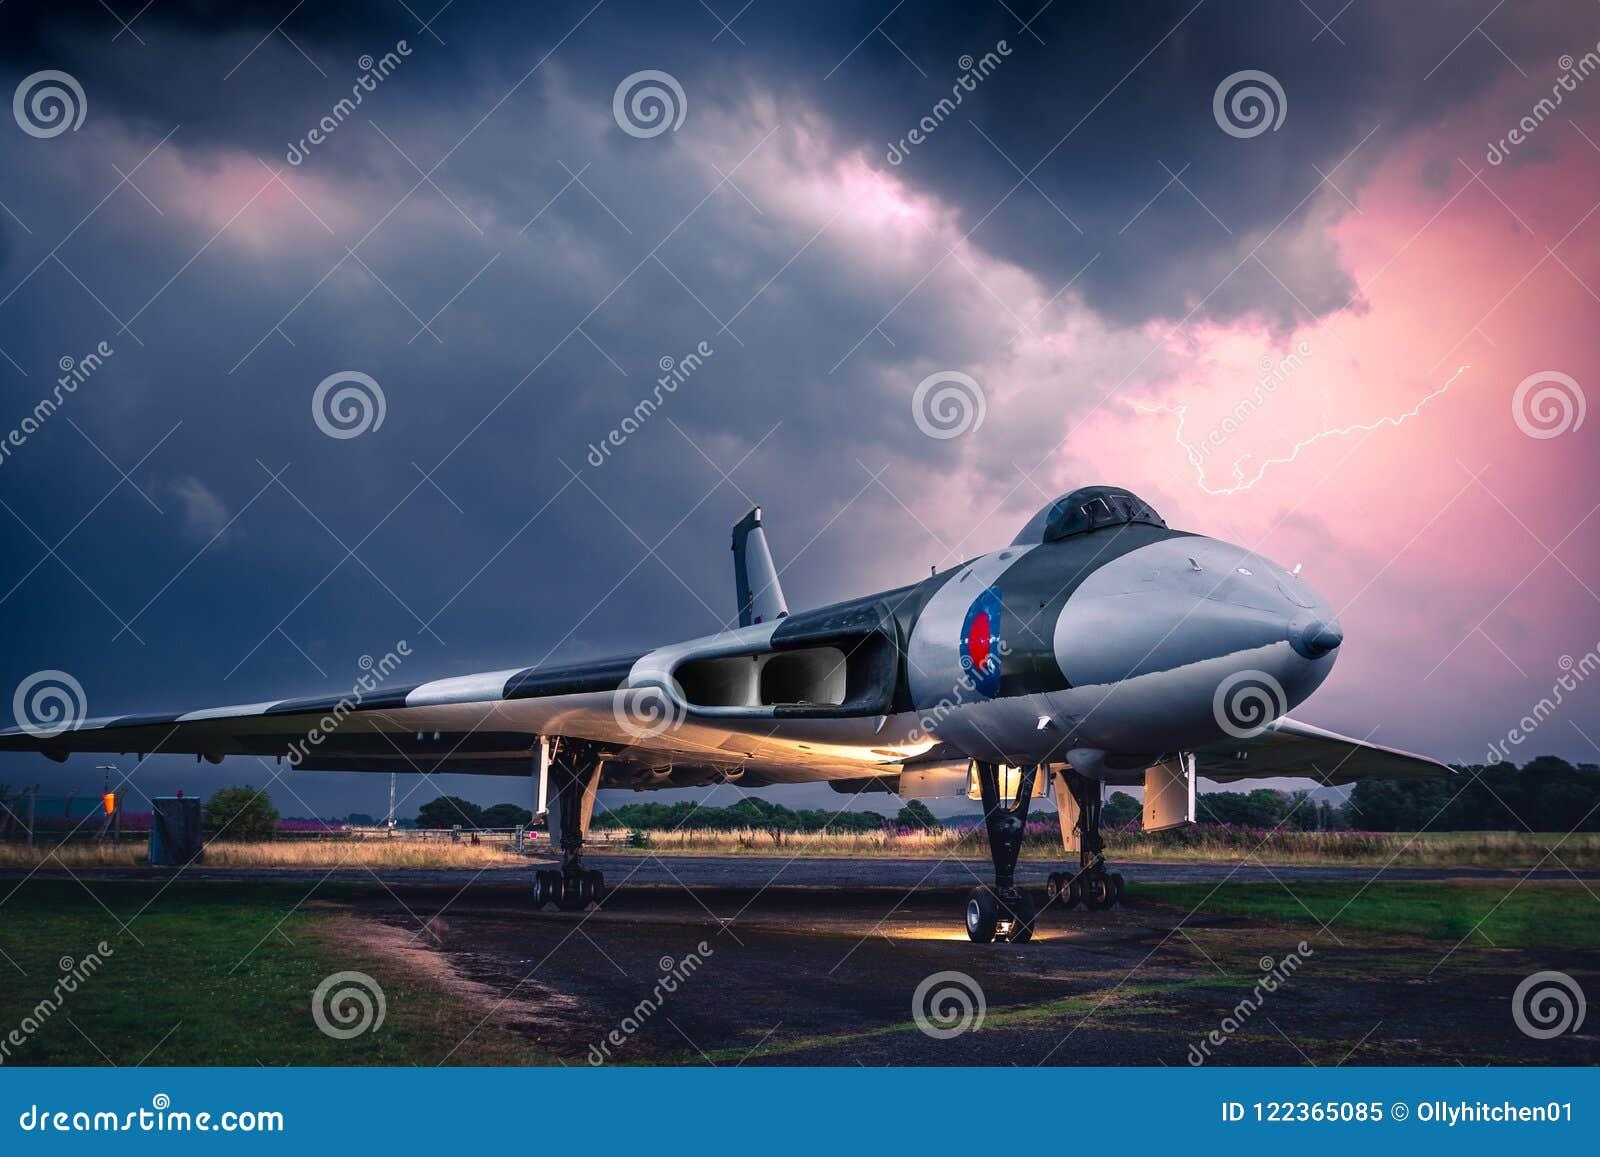 Avro Vulcan XJ823 pod ciężkimi niebami podczas elektrycznej burzy